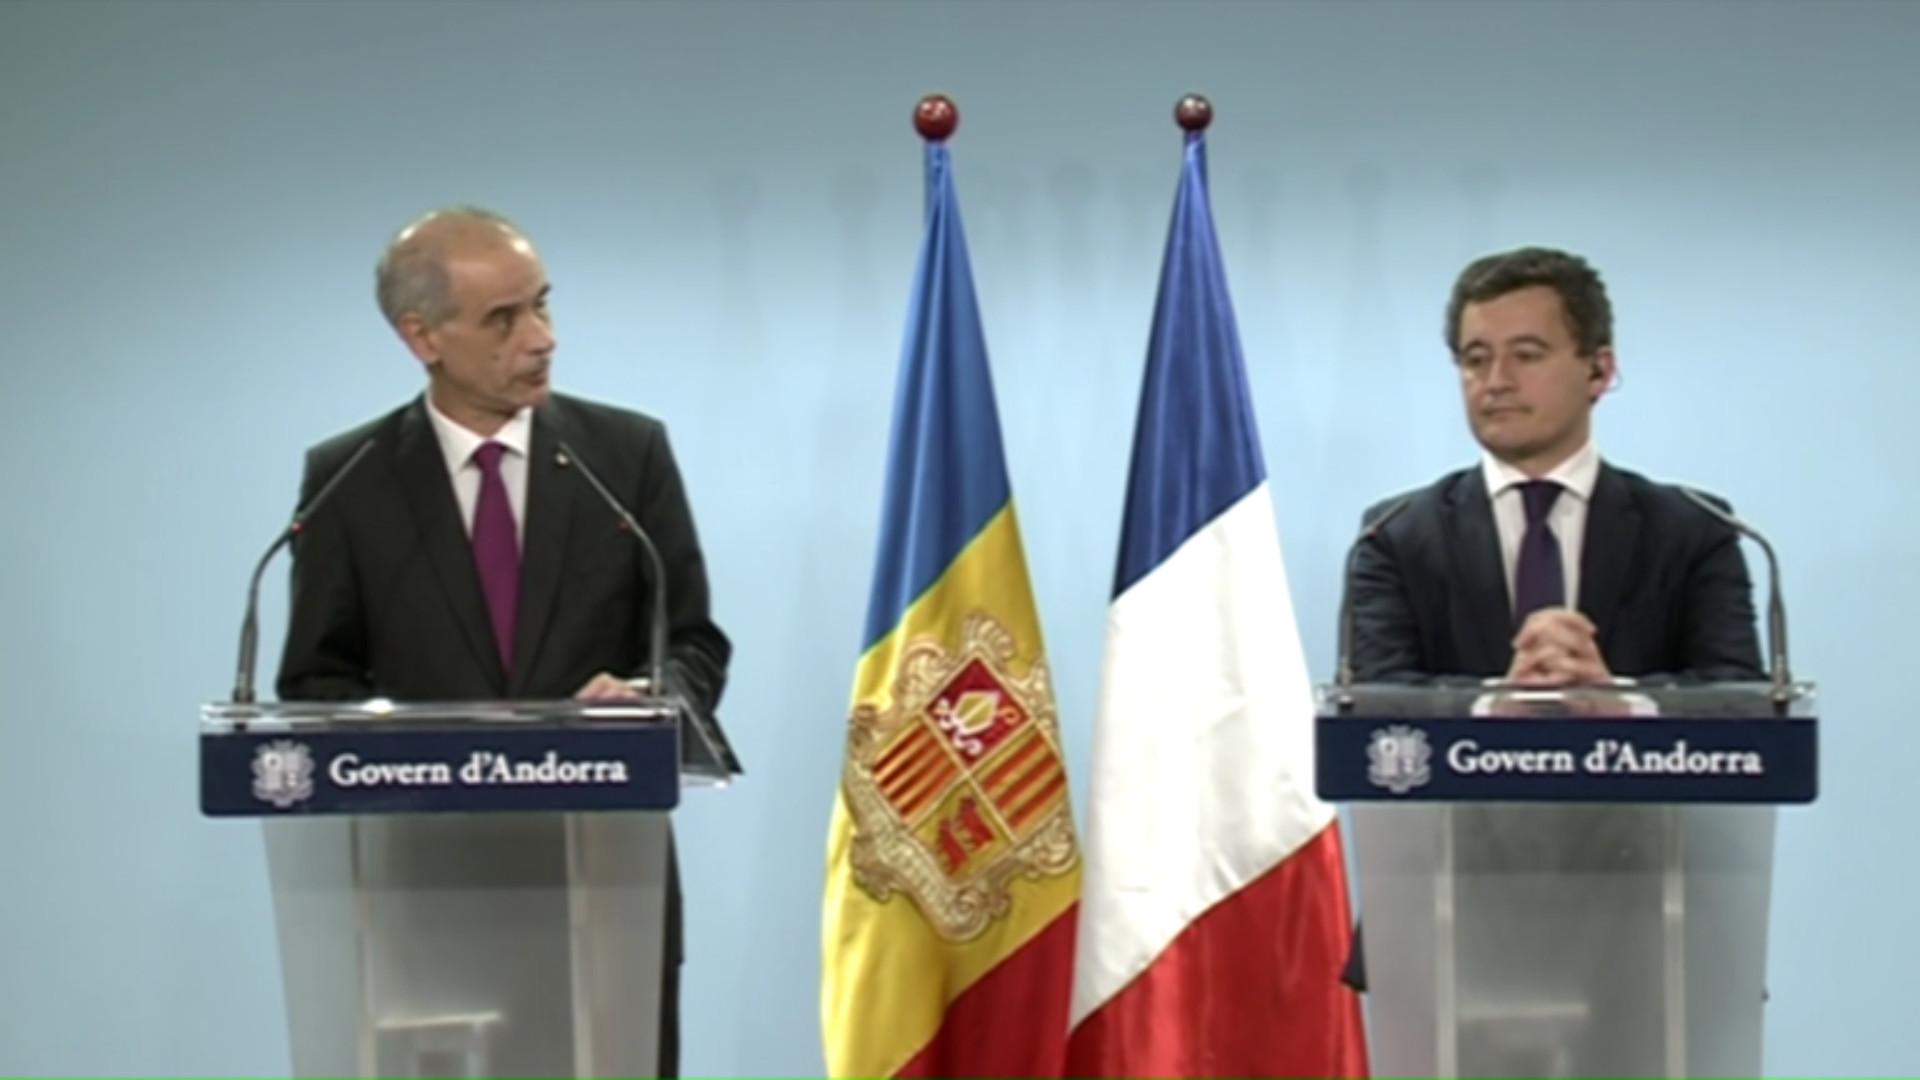 Roda de premsa del ministre francès d'Acció i Comptes Públics i el cap de Govern